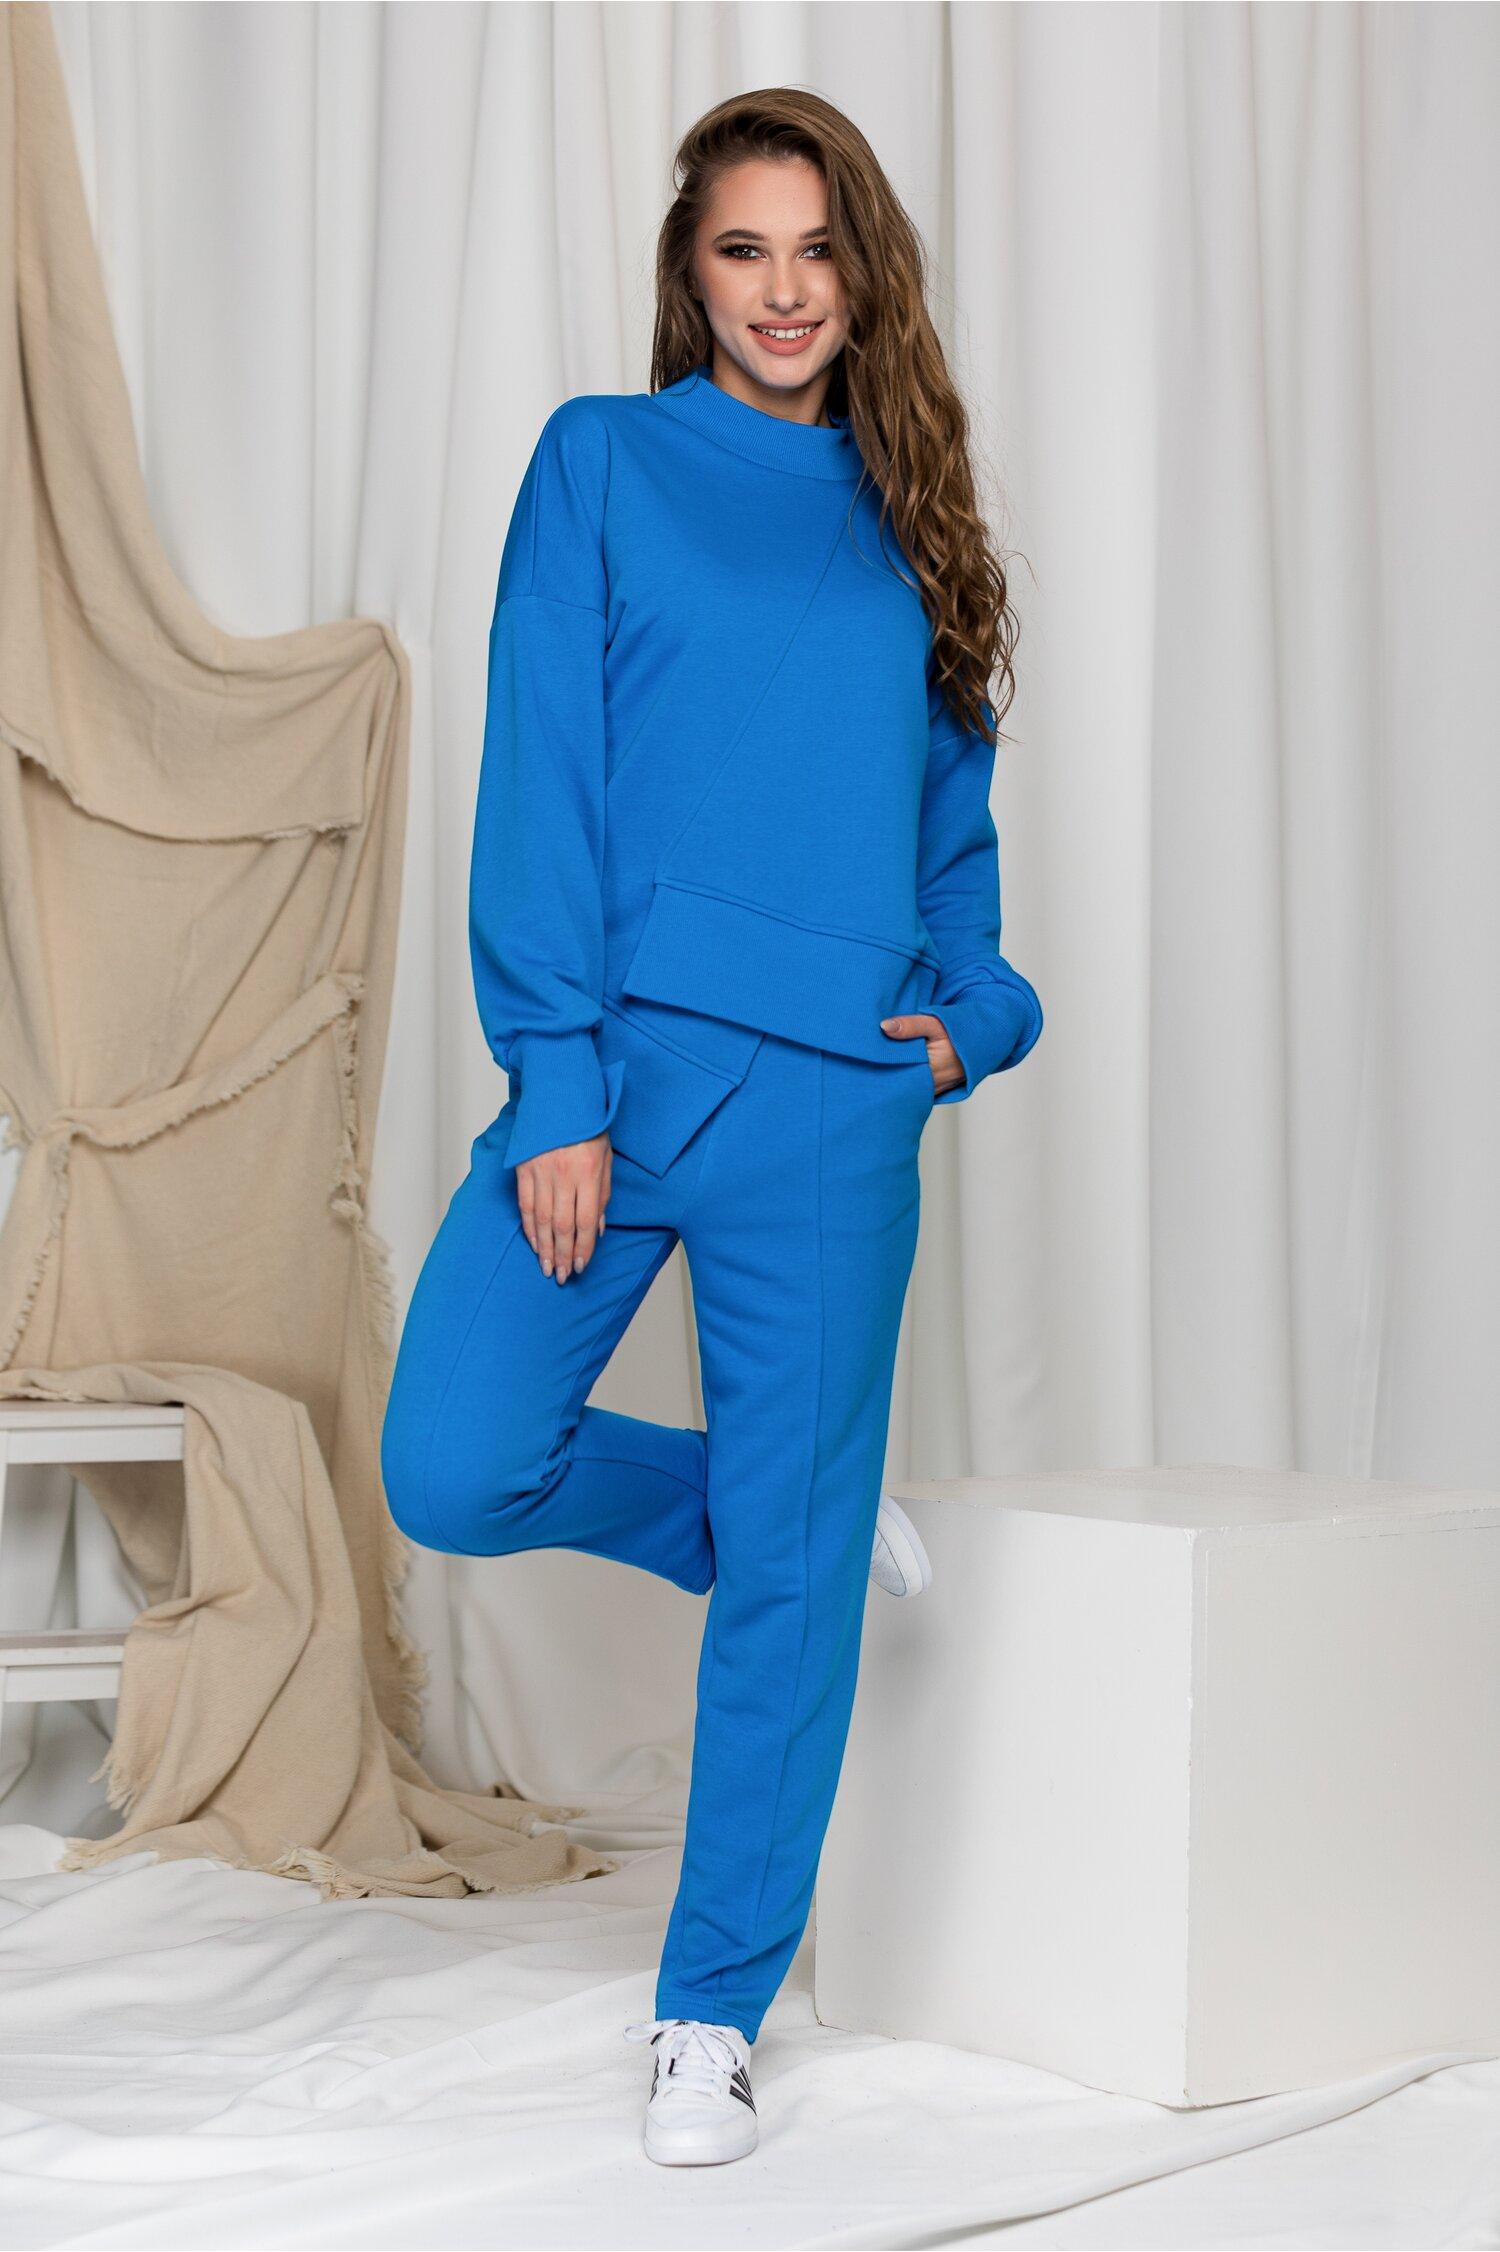 Compleu sport LaDonna albastru cu design in colt la baza bluzei